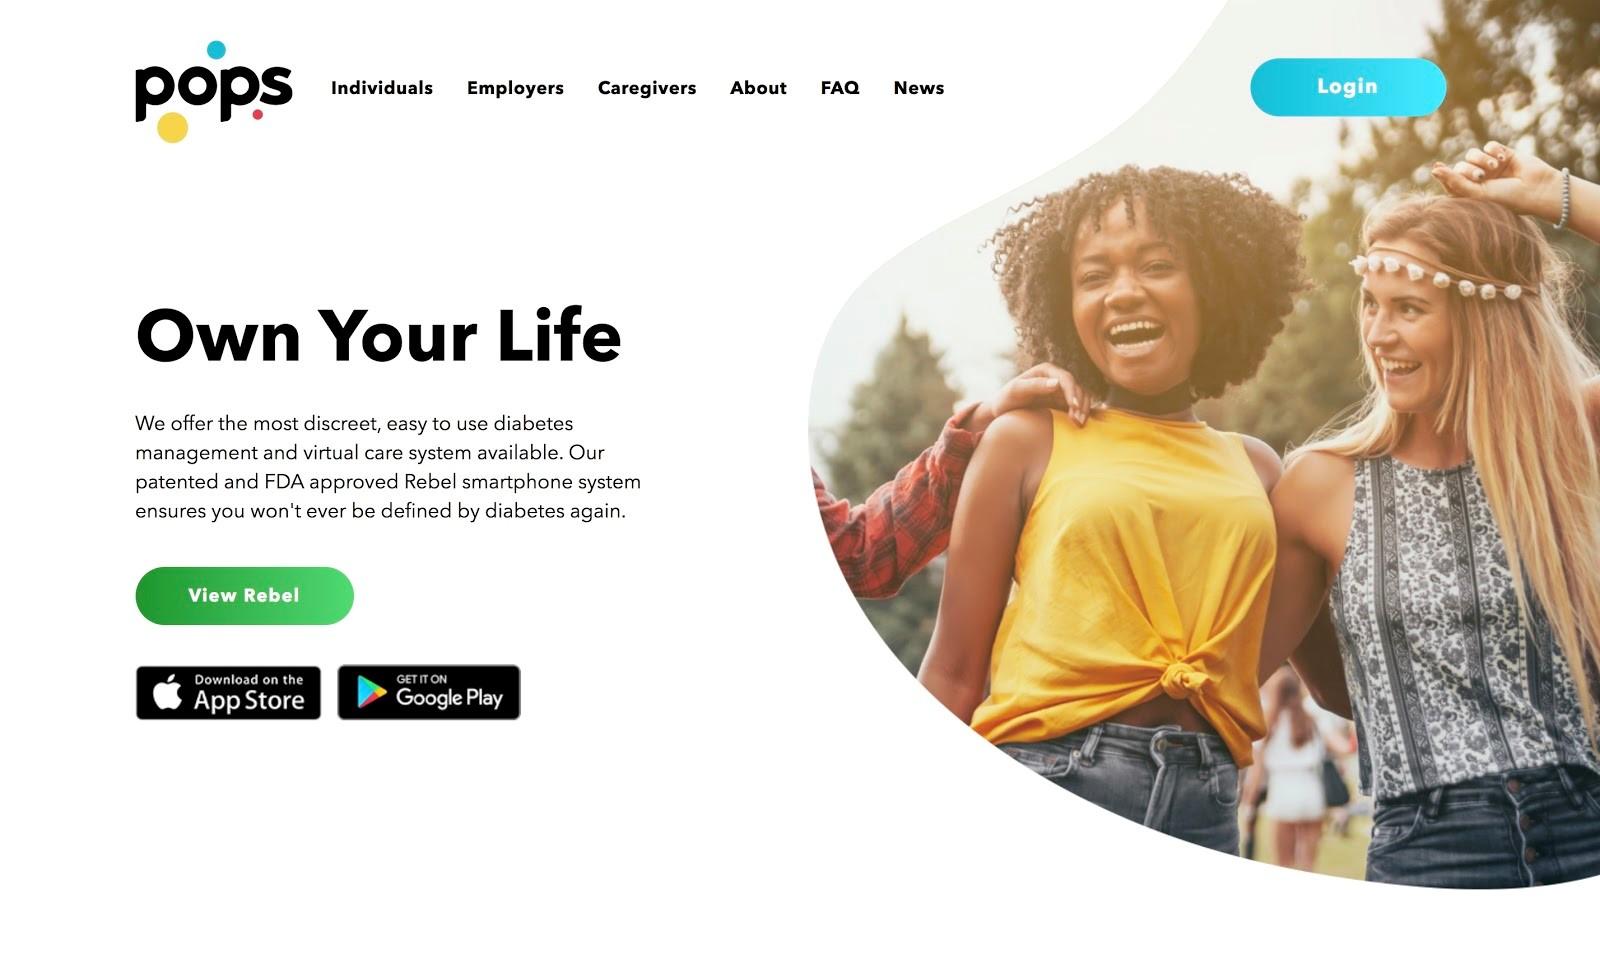 Tendencias de diseño Web 2020. Tipografía grande